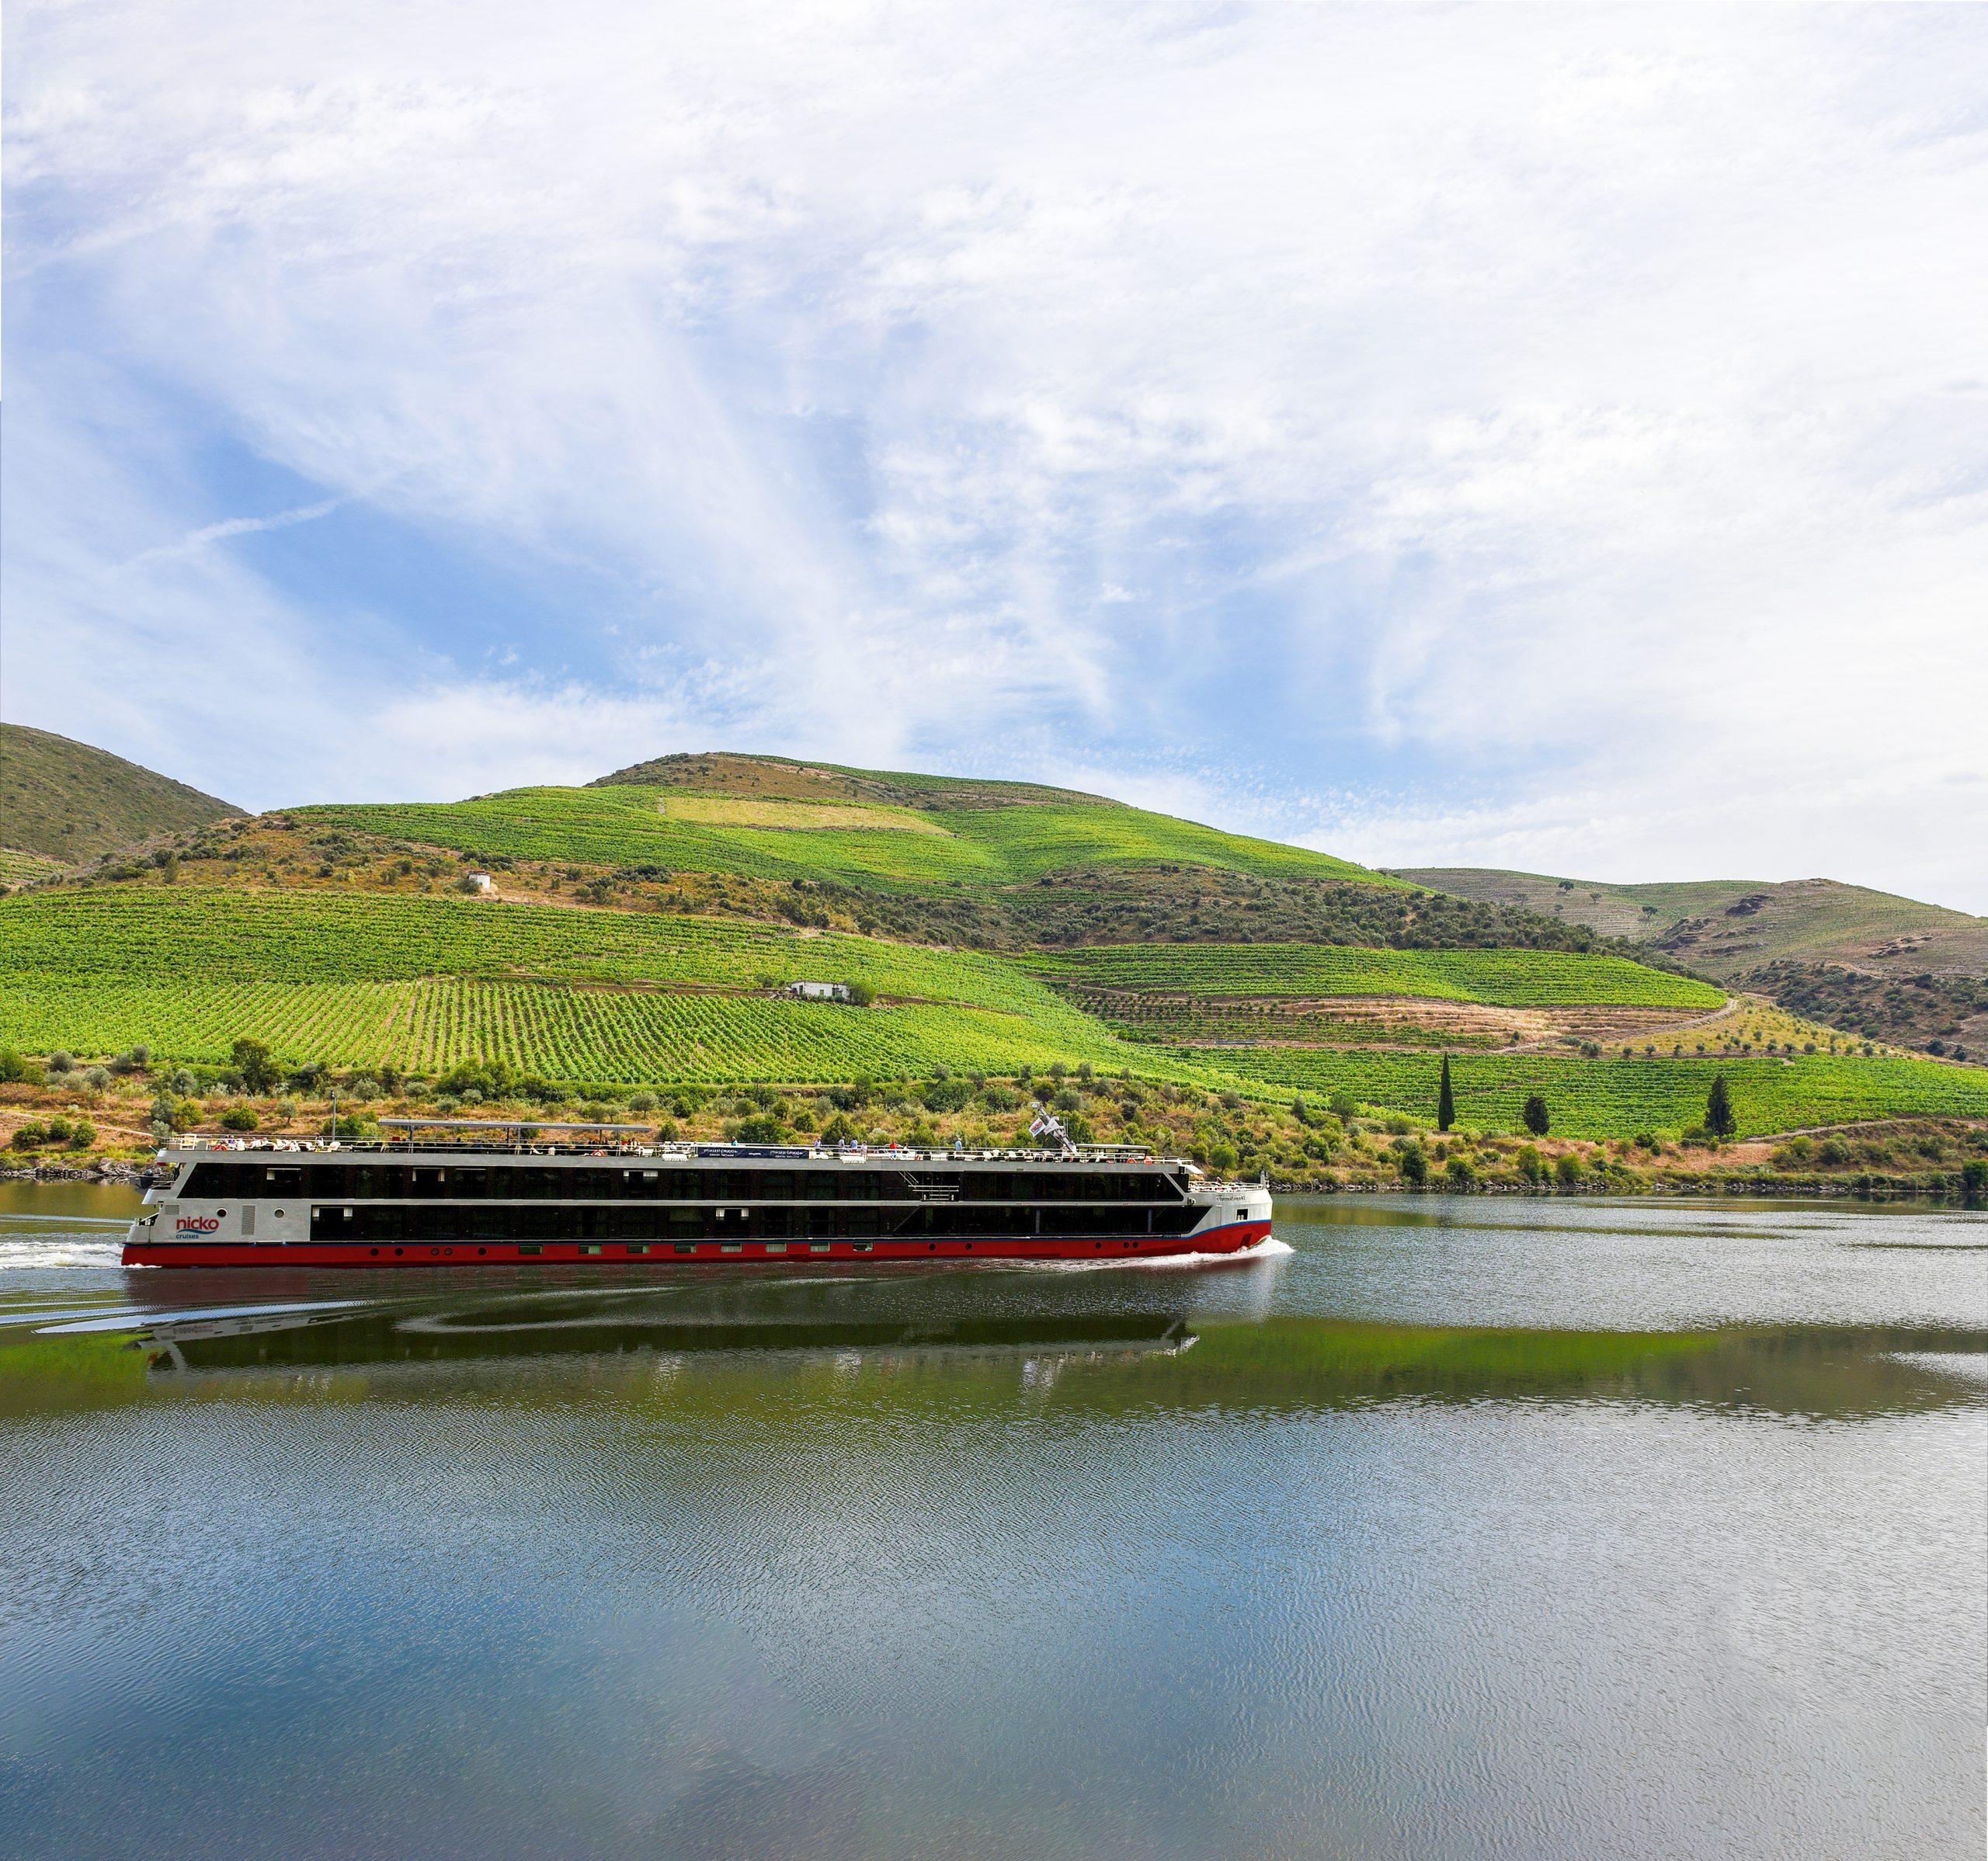 nicko cruises baut seine Kapazitäten in Portugal aus: Ab nächstem Jahr fährt die MS DOURO SERENITY an 36 Terminen auf dem Douro bis zur spanischen Grenze.